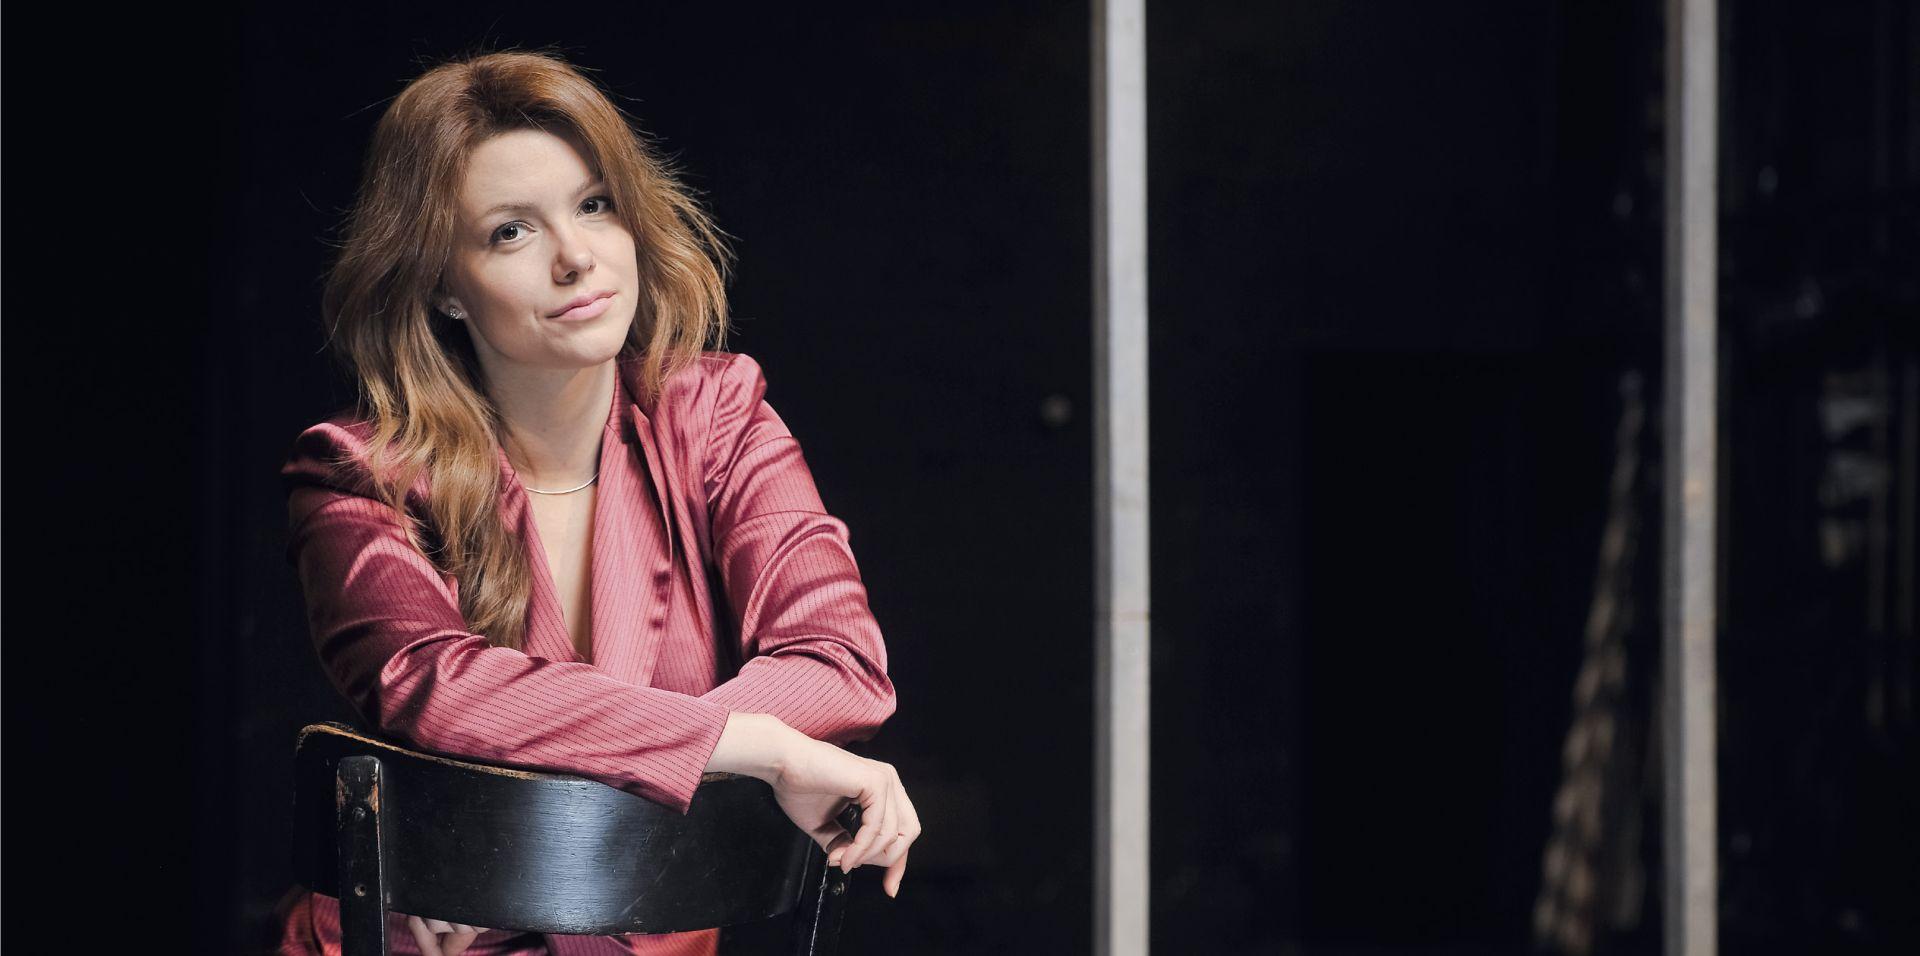 INTERVIEW: TARA ROSANDIĆ 'Ne volim 'graktati s jatom' pa se ne svrstavam na strane'